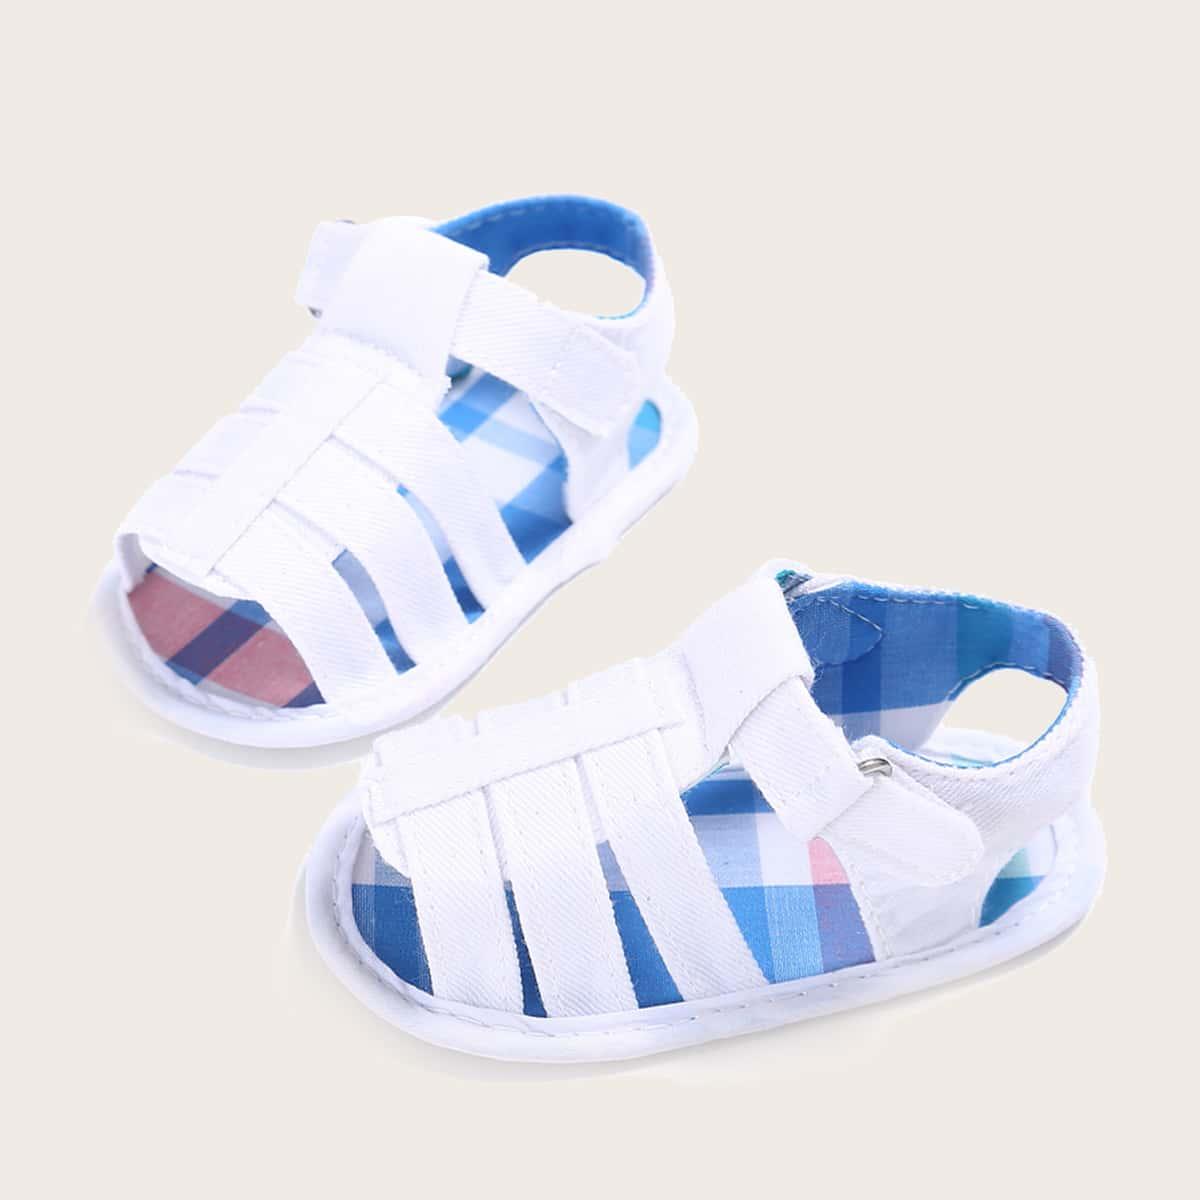 SHEIN Vlak Baby sandaaltjes